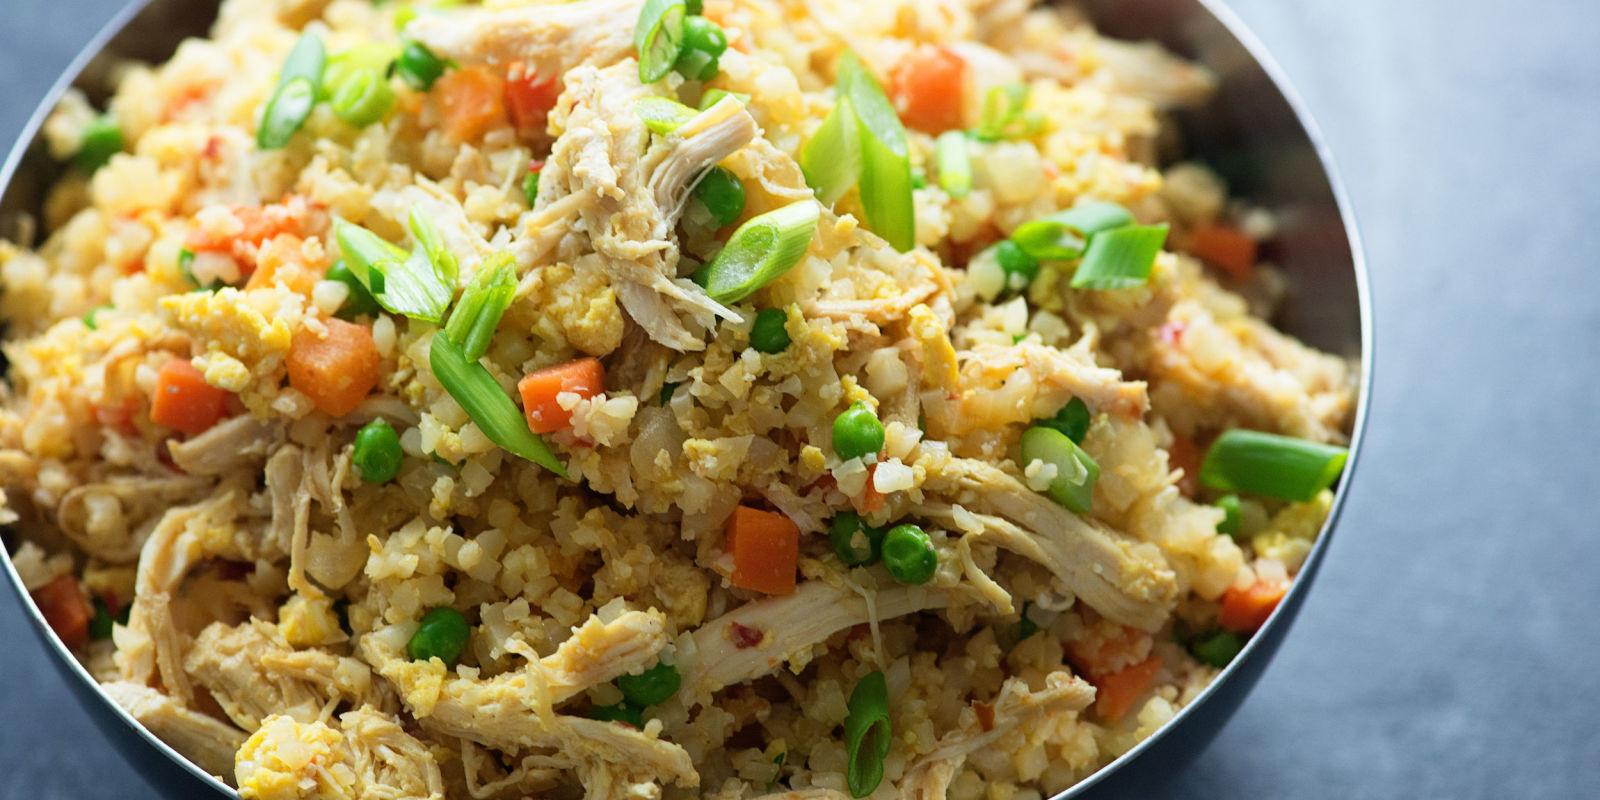 Cauliflower Fried Rice With Chicken  Best Chicken Fried Cauliflower Rice Recipe How To Make